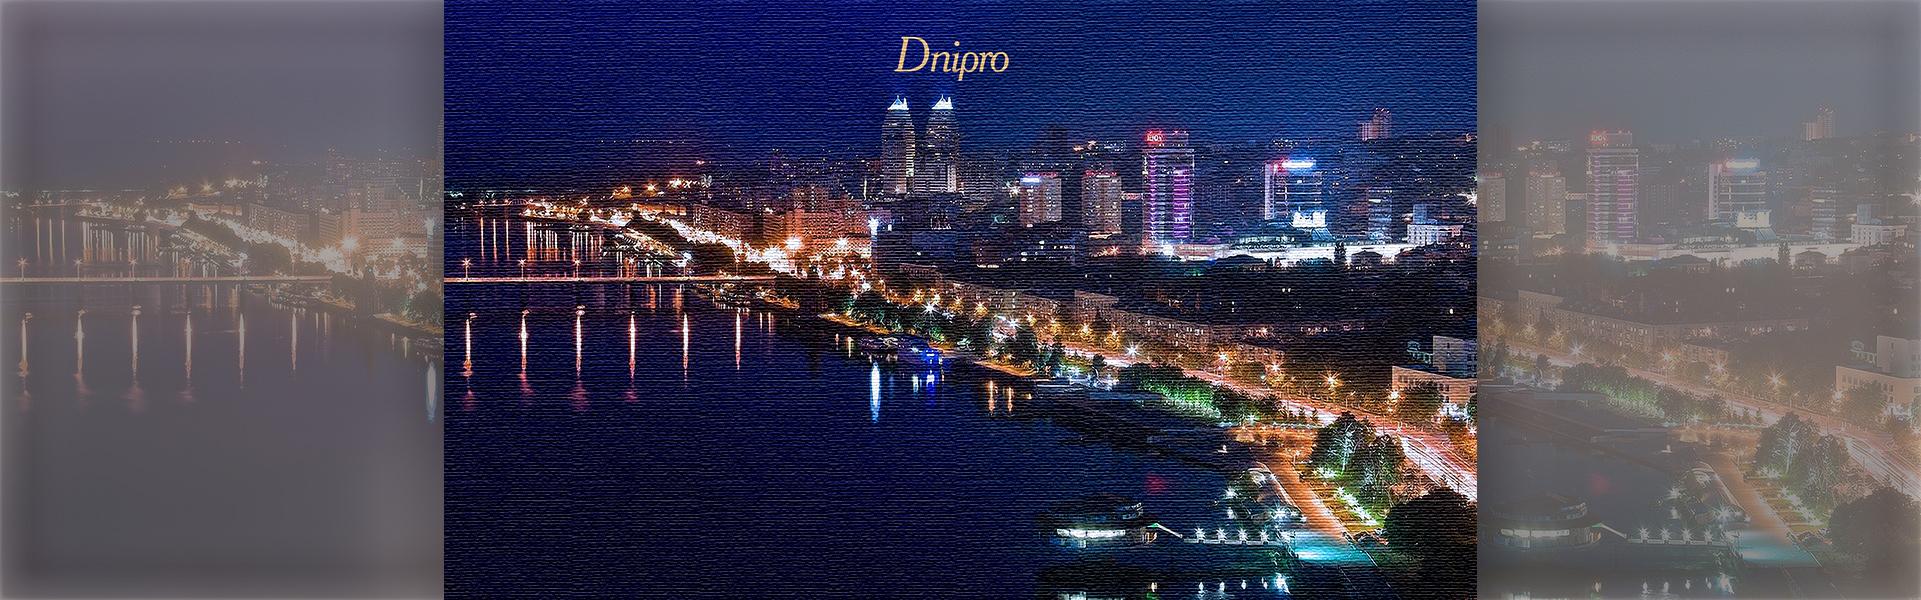 Dnipro 2 слайдер